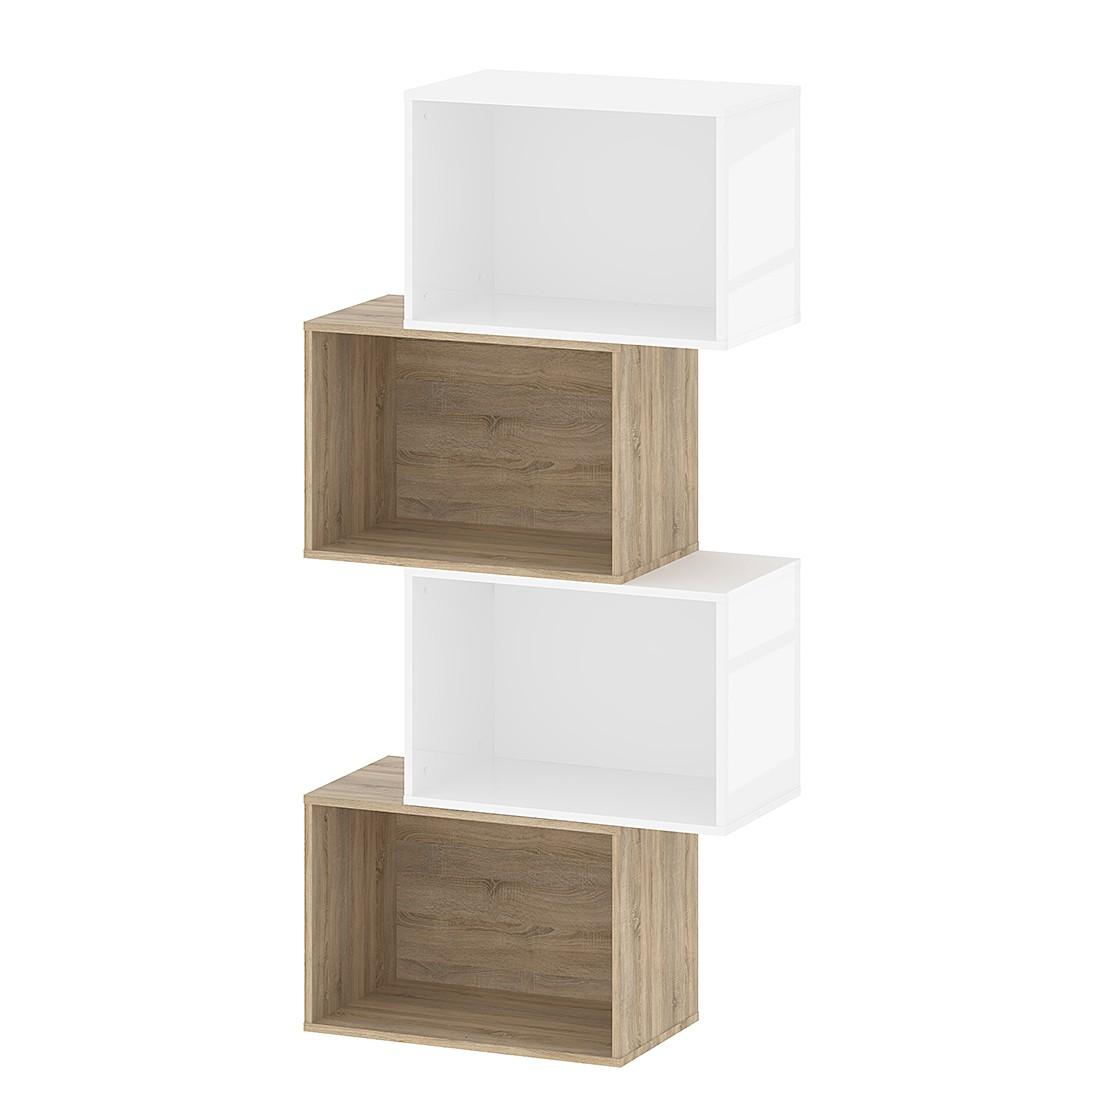 regal baseline sonoma eiche dekor 6 f cher h he 197 5 cm mooved g nstig online kaufen. Black Bedroom Furniture Sets. Home Design Ideas